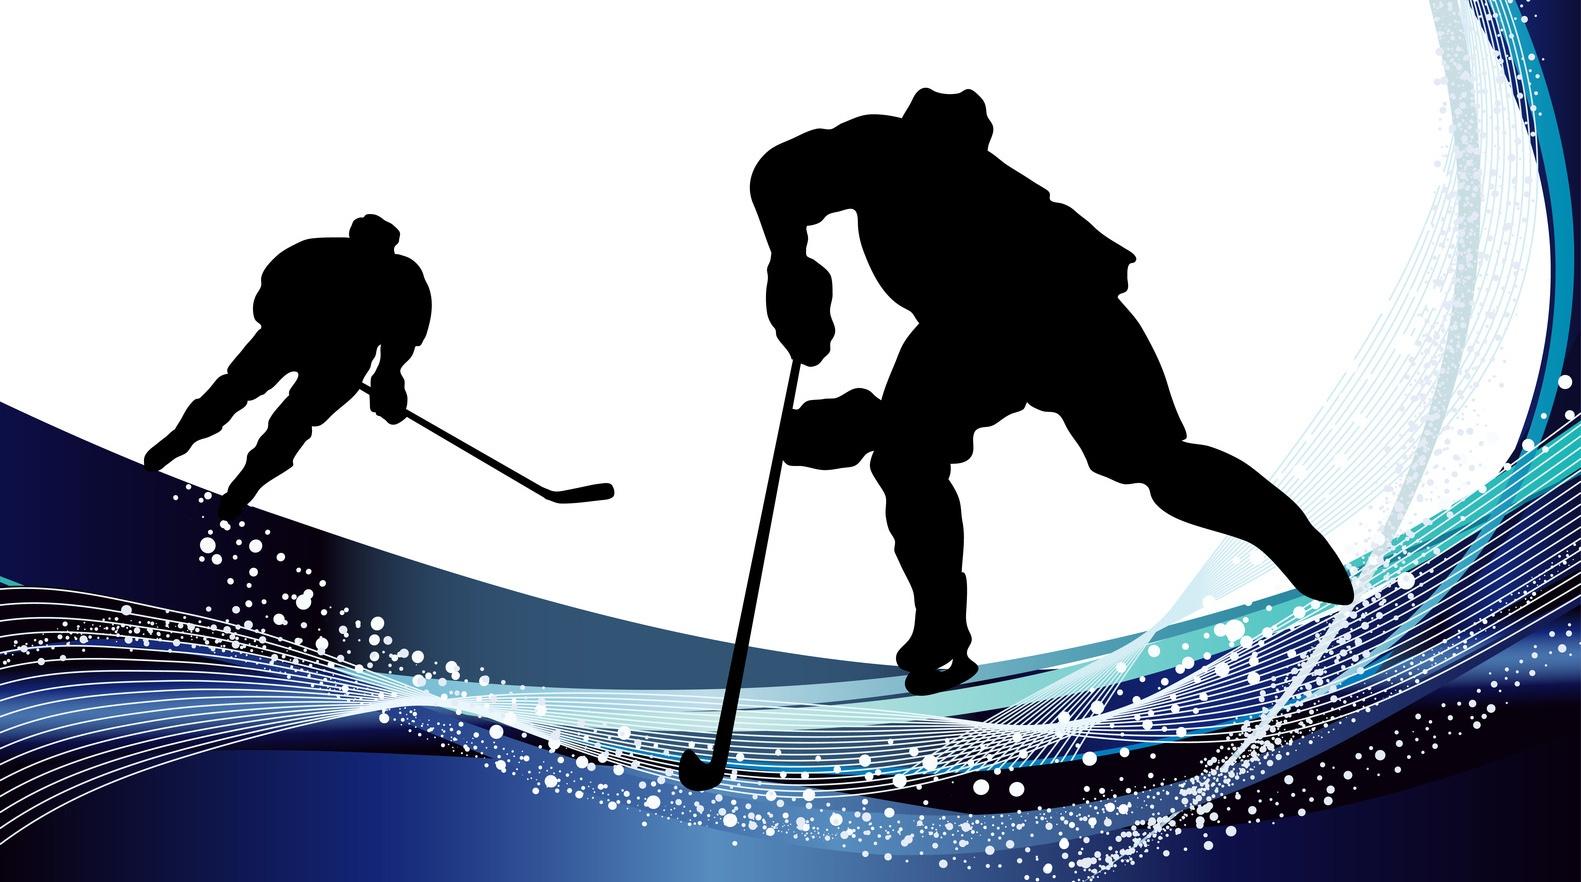 Хоккей в картинках на прозрачном фоне, доброго вечера